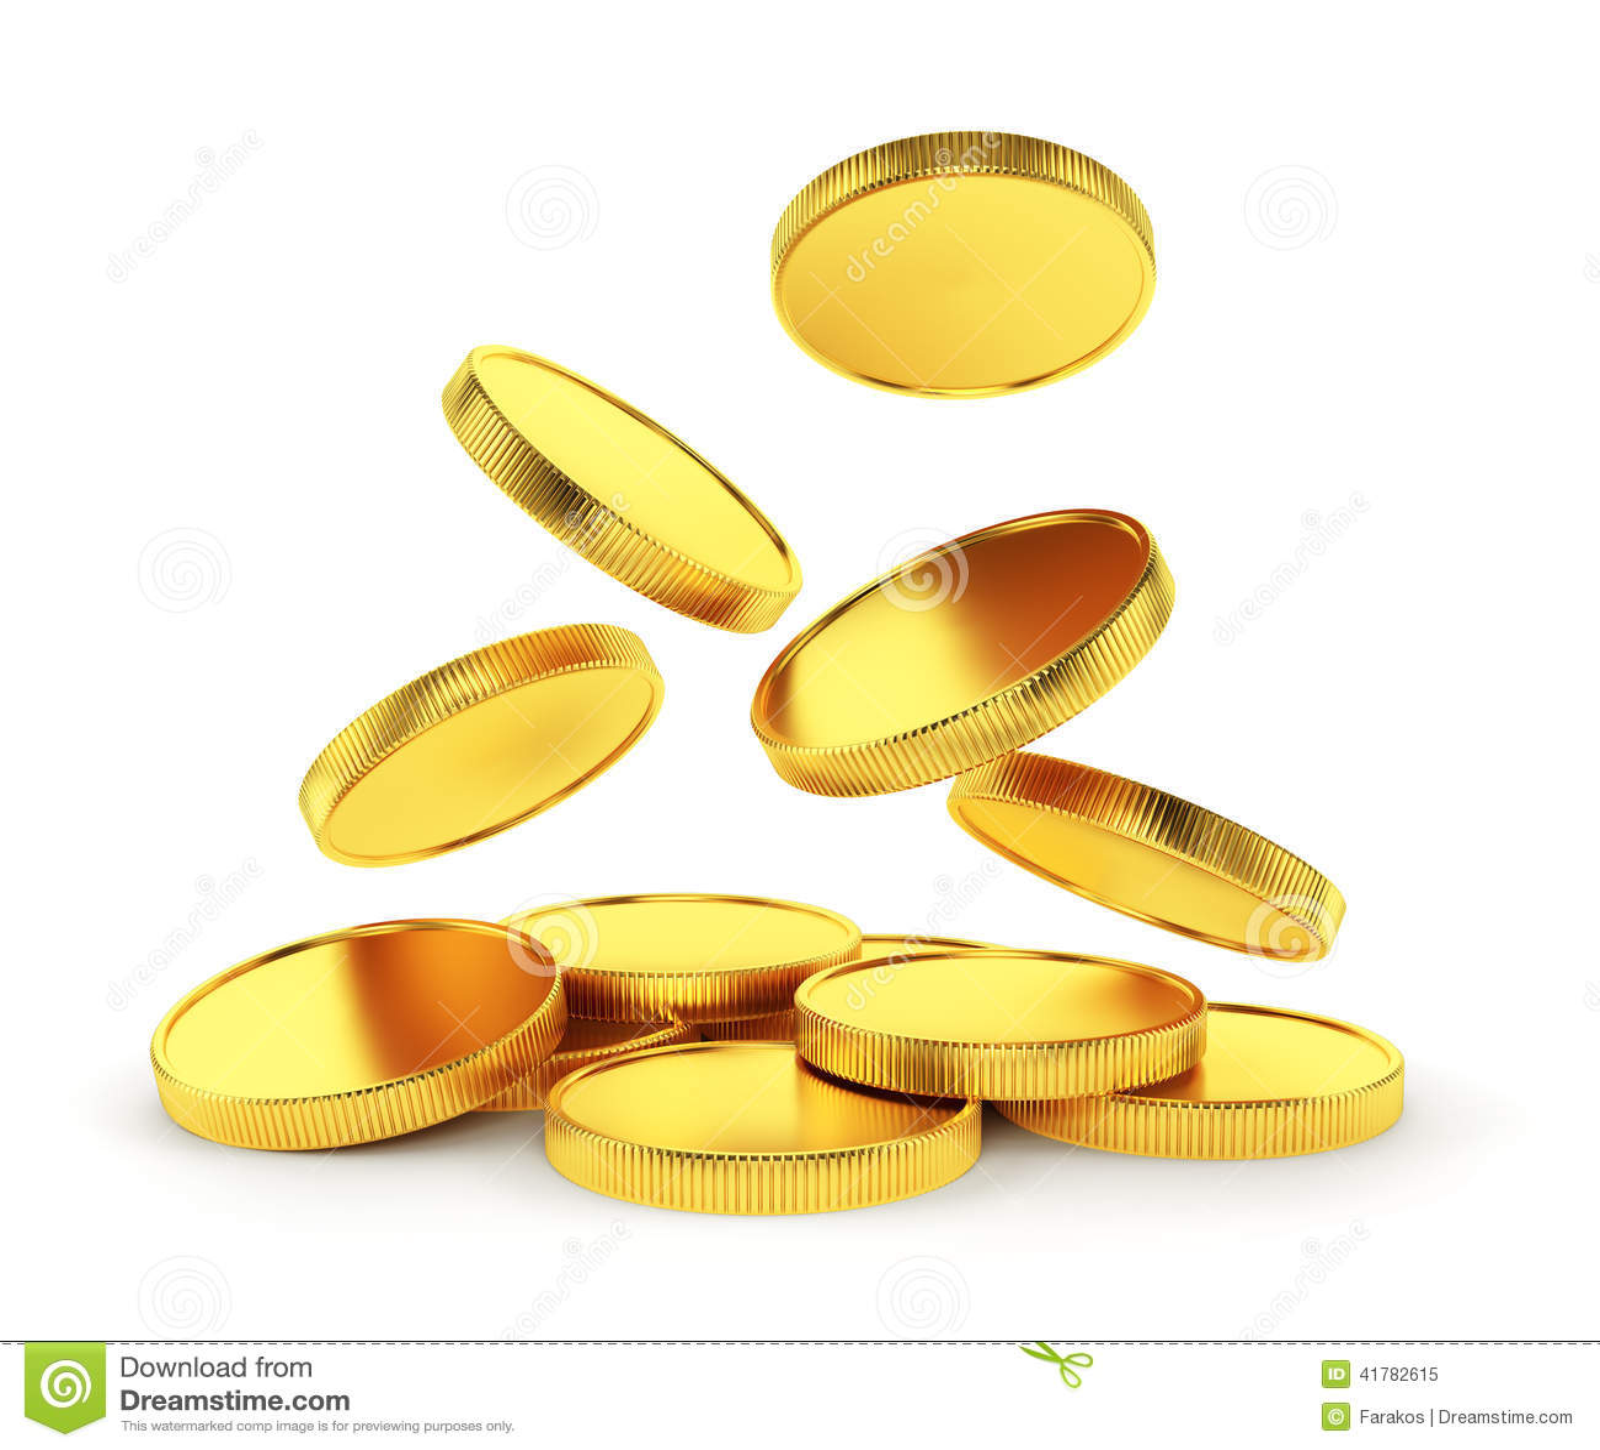 golden online casino casino online bonus